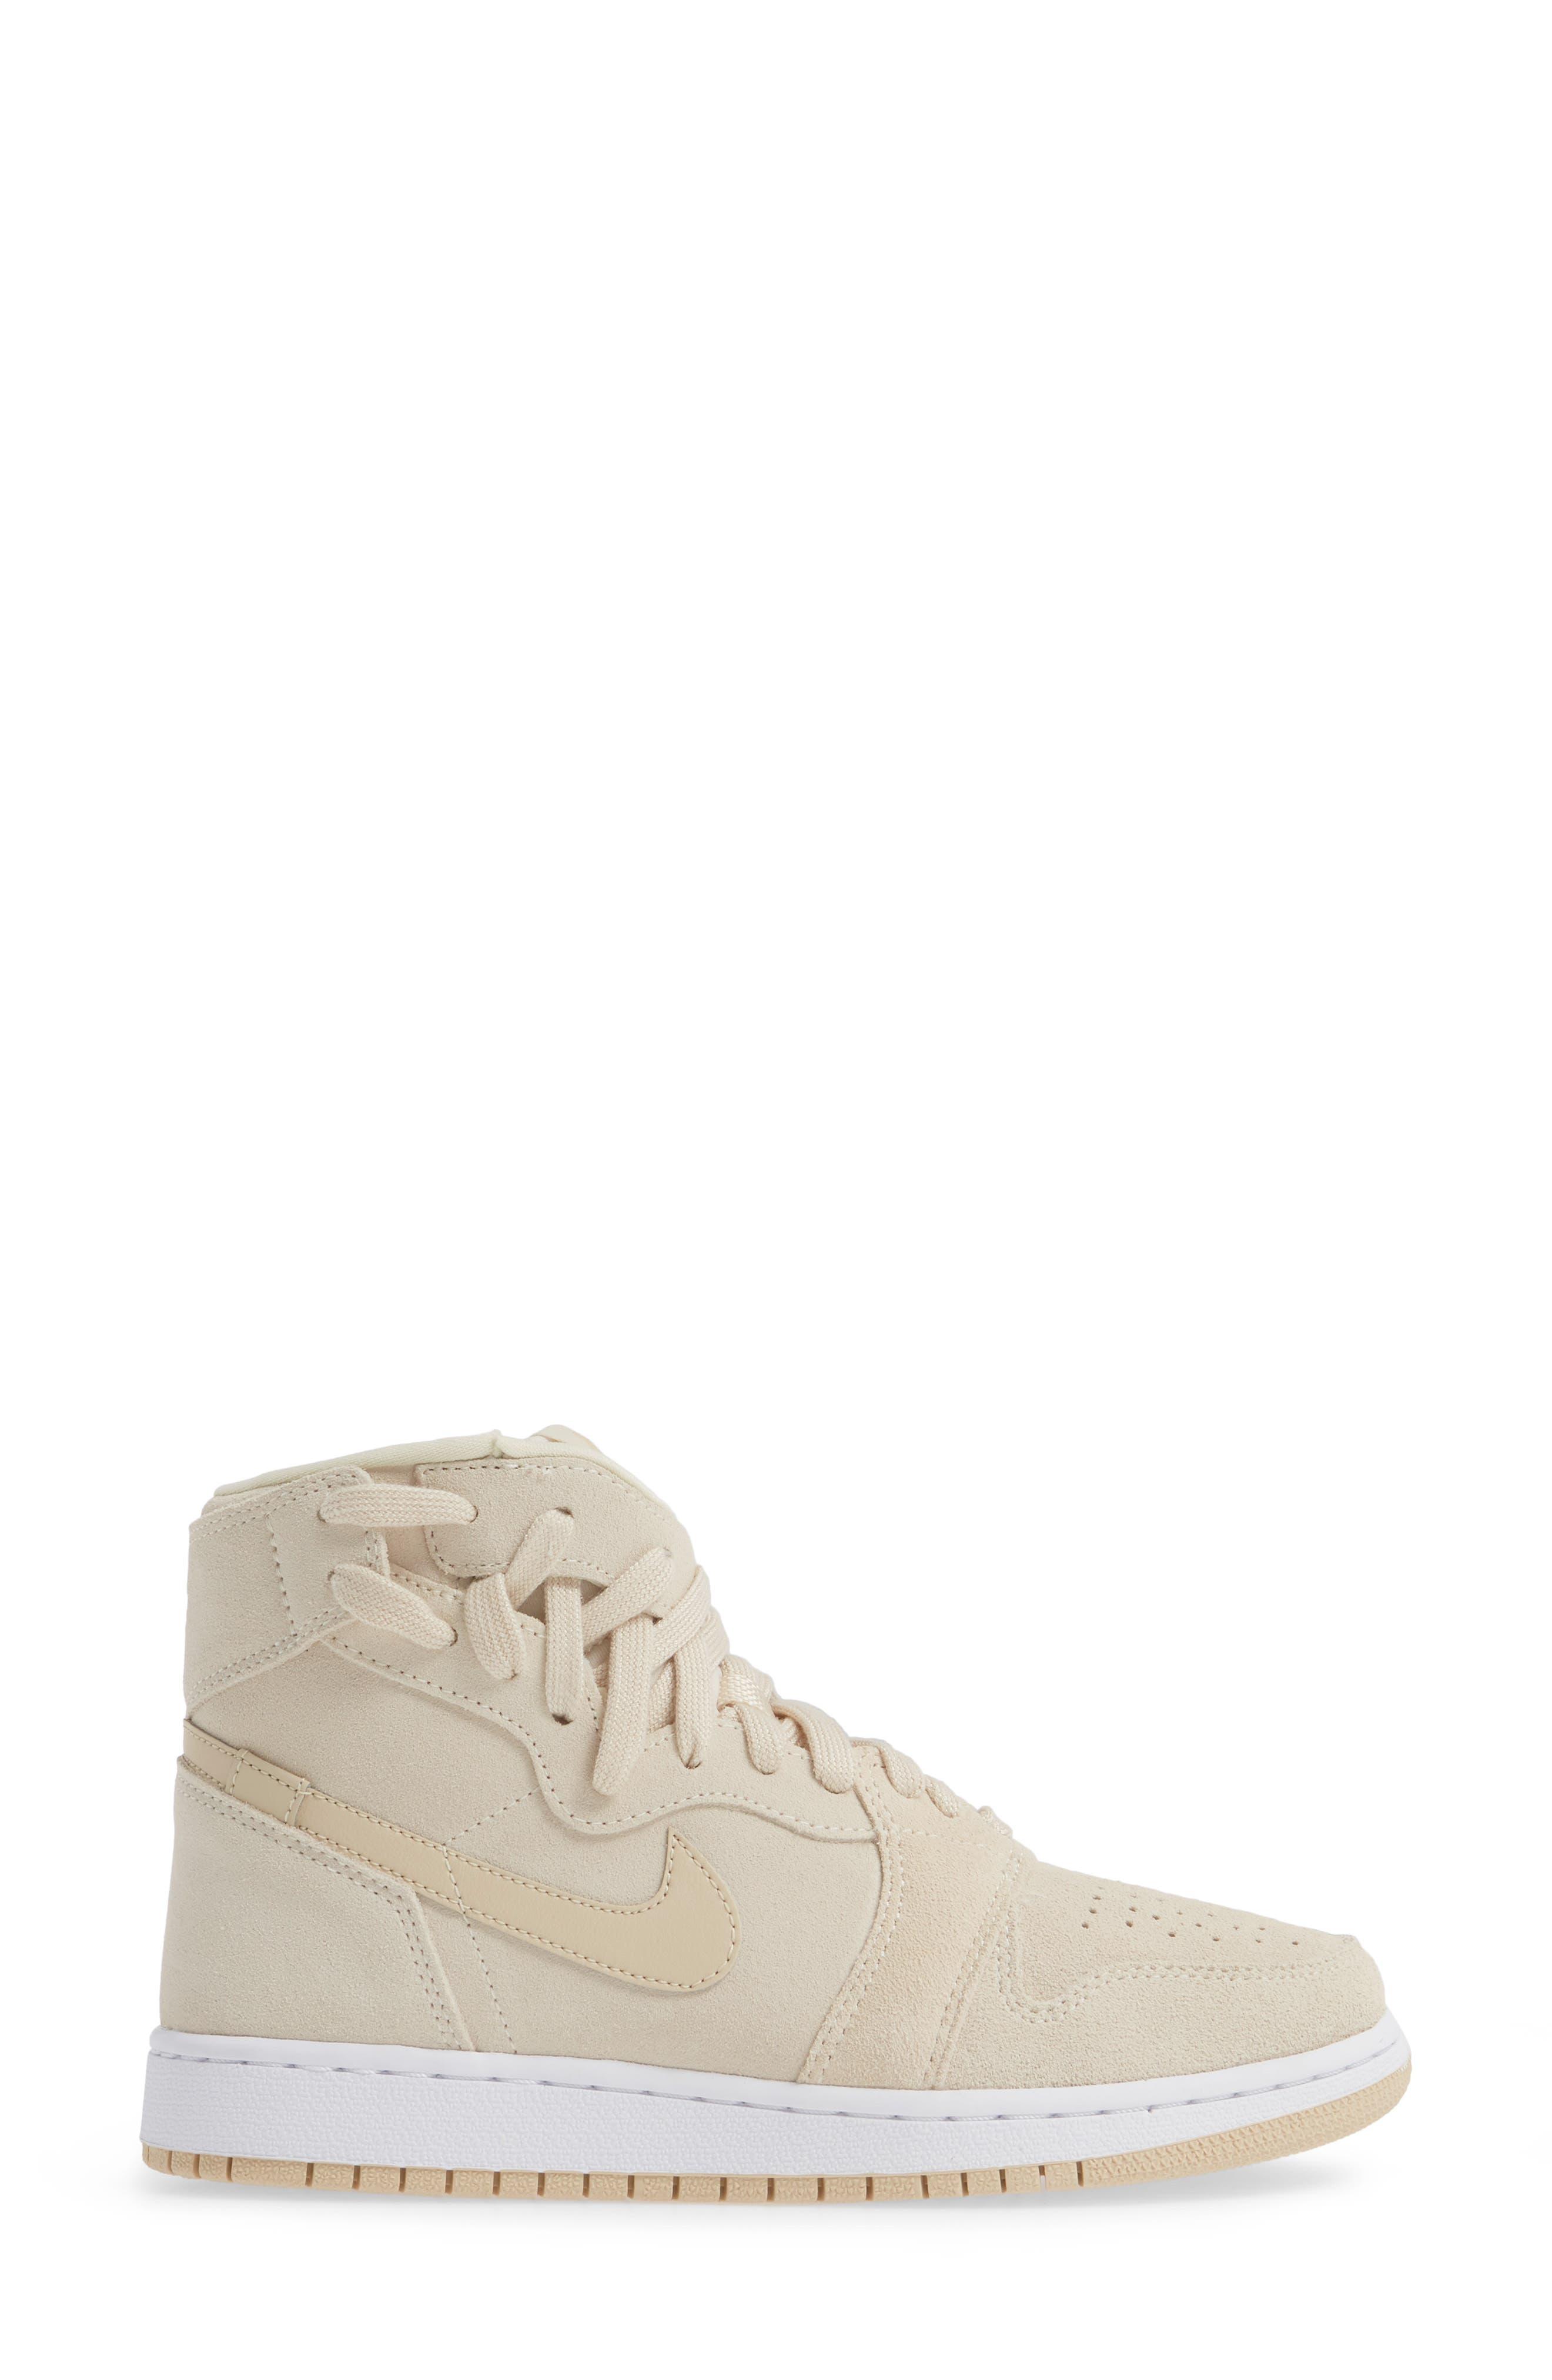 NIKE, Air Jordan 1 Rebel XX High Top Sneaker, Alternate thumbnail 3, color, LIGHT CREAM/ DESERT ORE/ WHITE